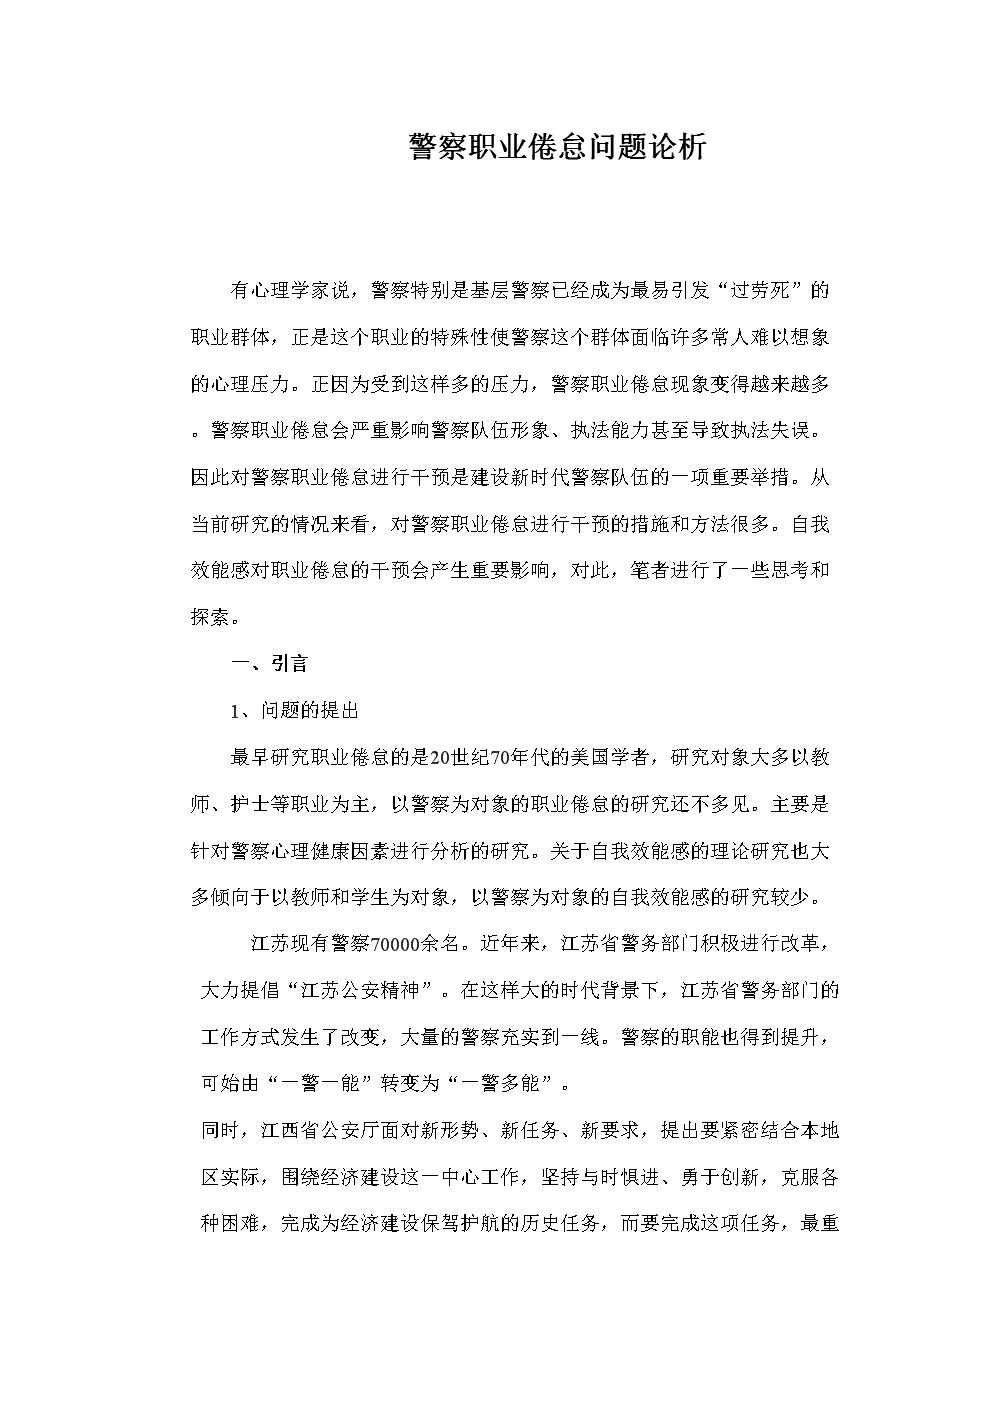 警察职业倦怠探析.doc